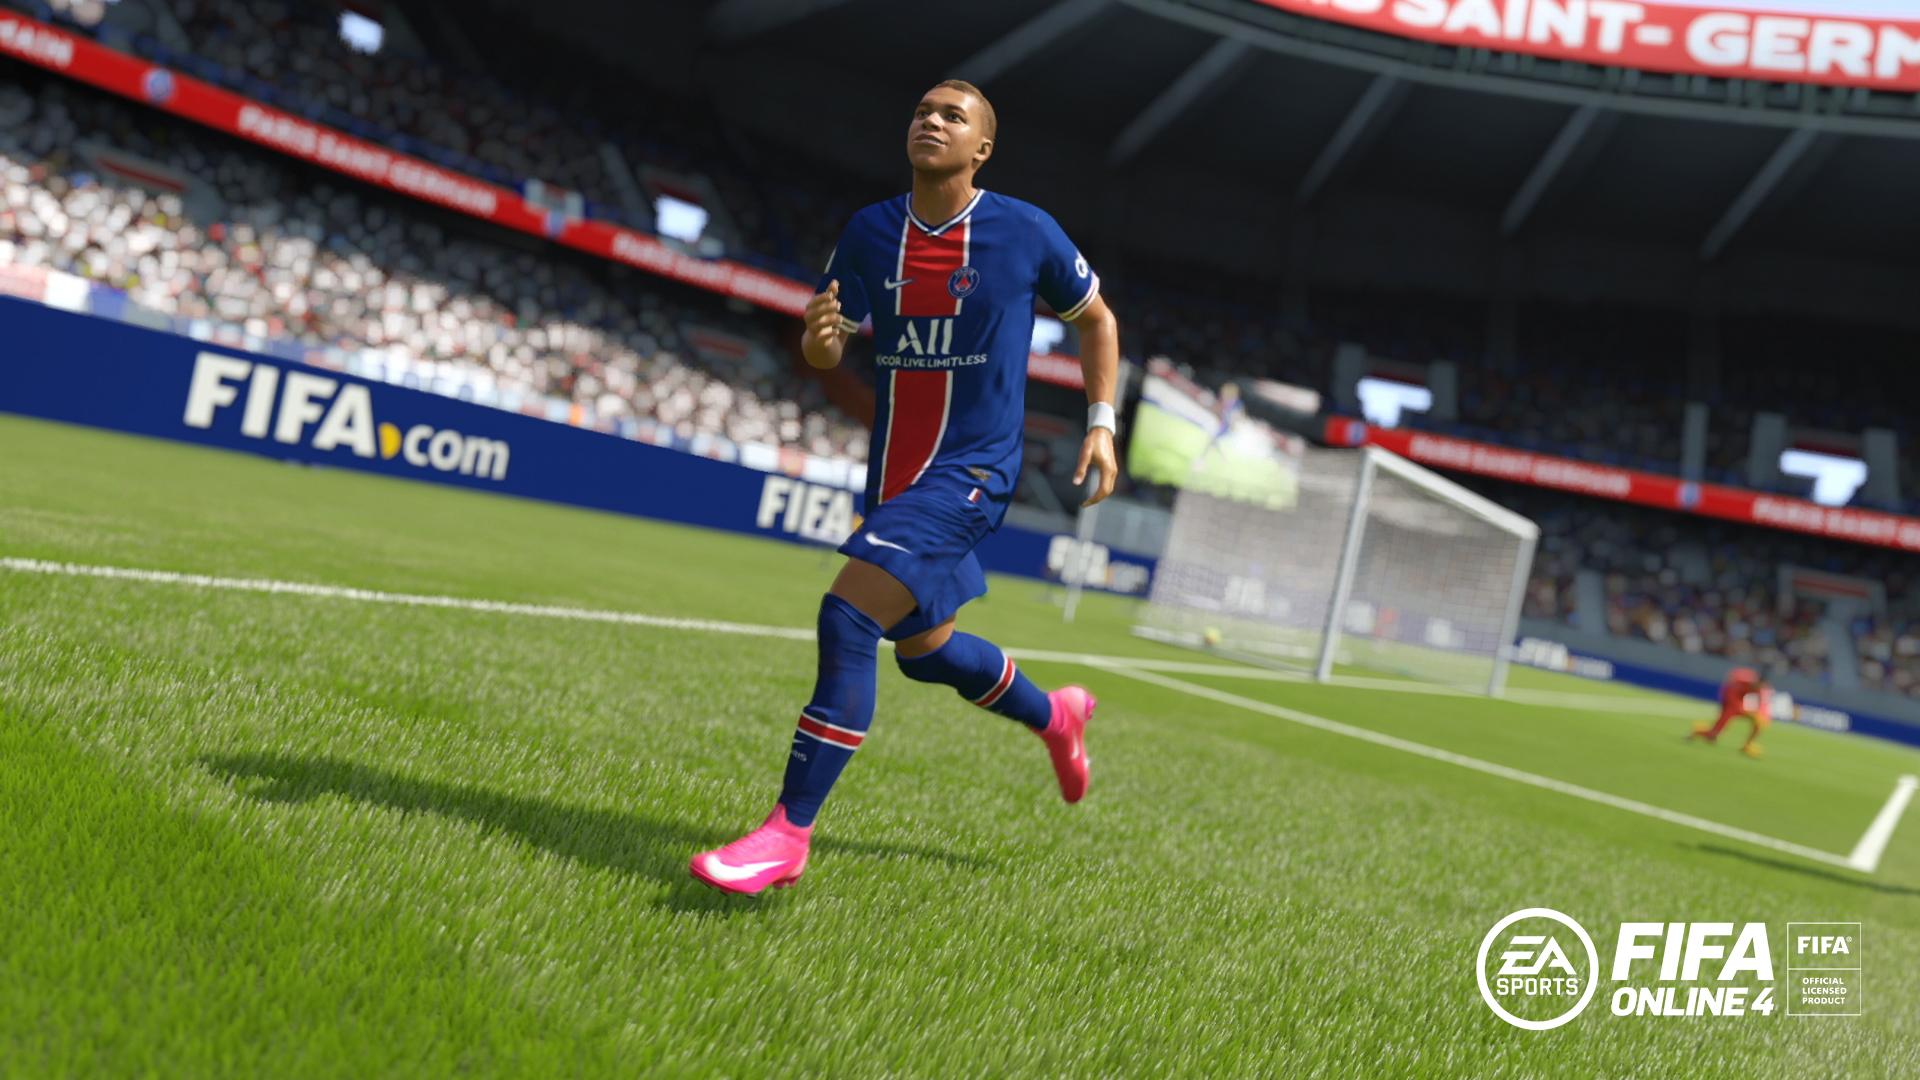 EA SPORTS™ FIFA Online 4